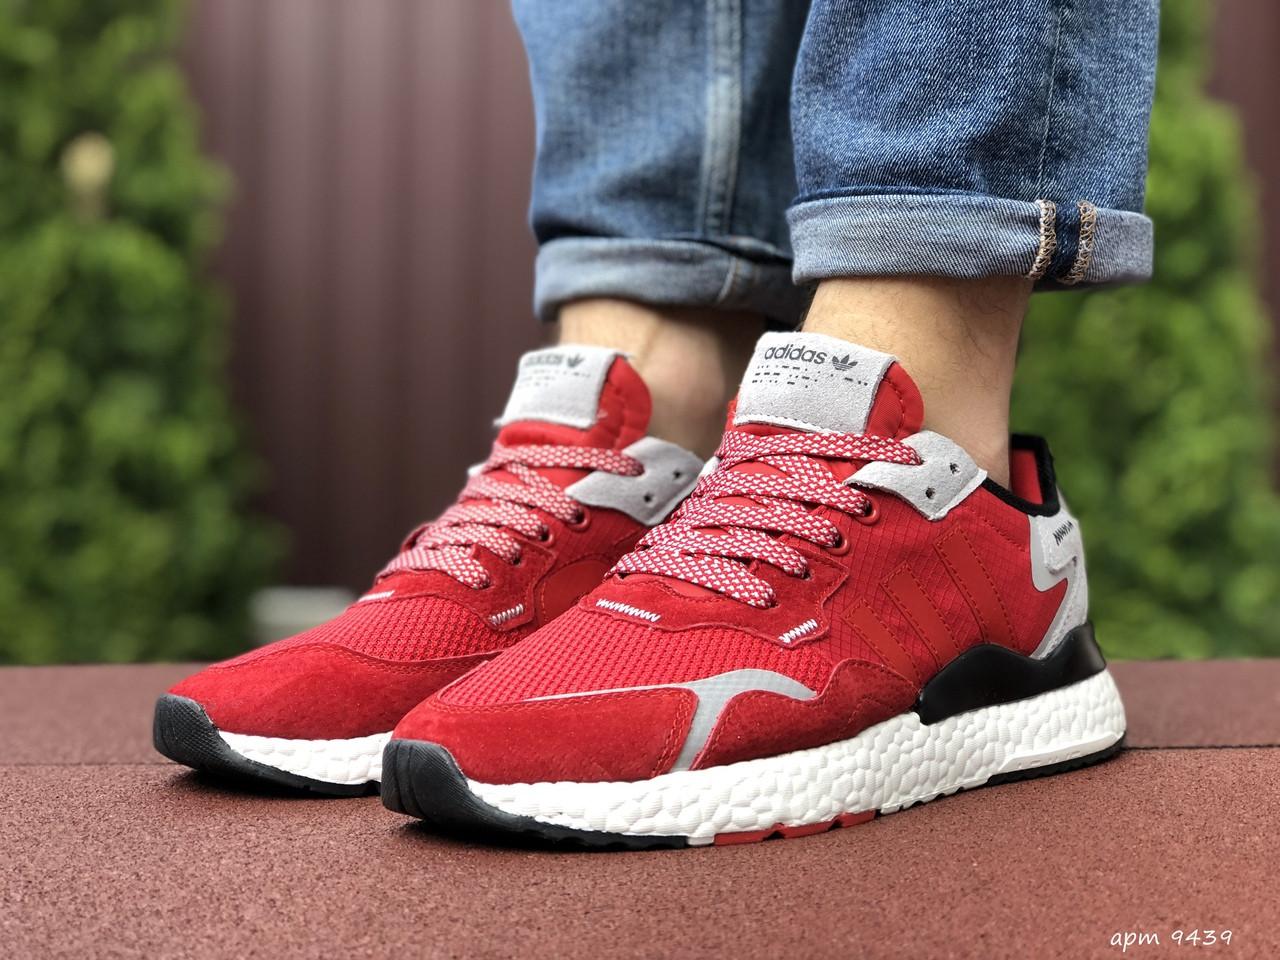 Мужские кроссовки Adidas Nite Jogger Boost 3M,красные